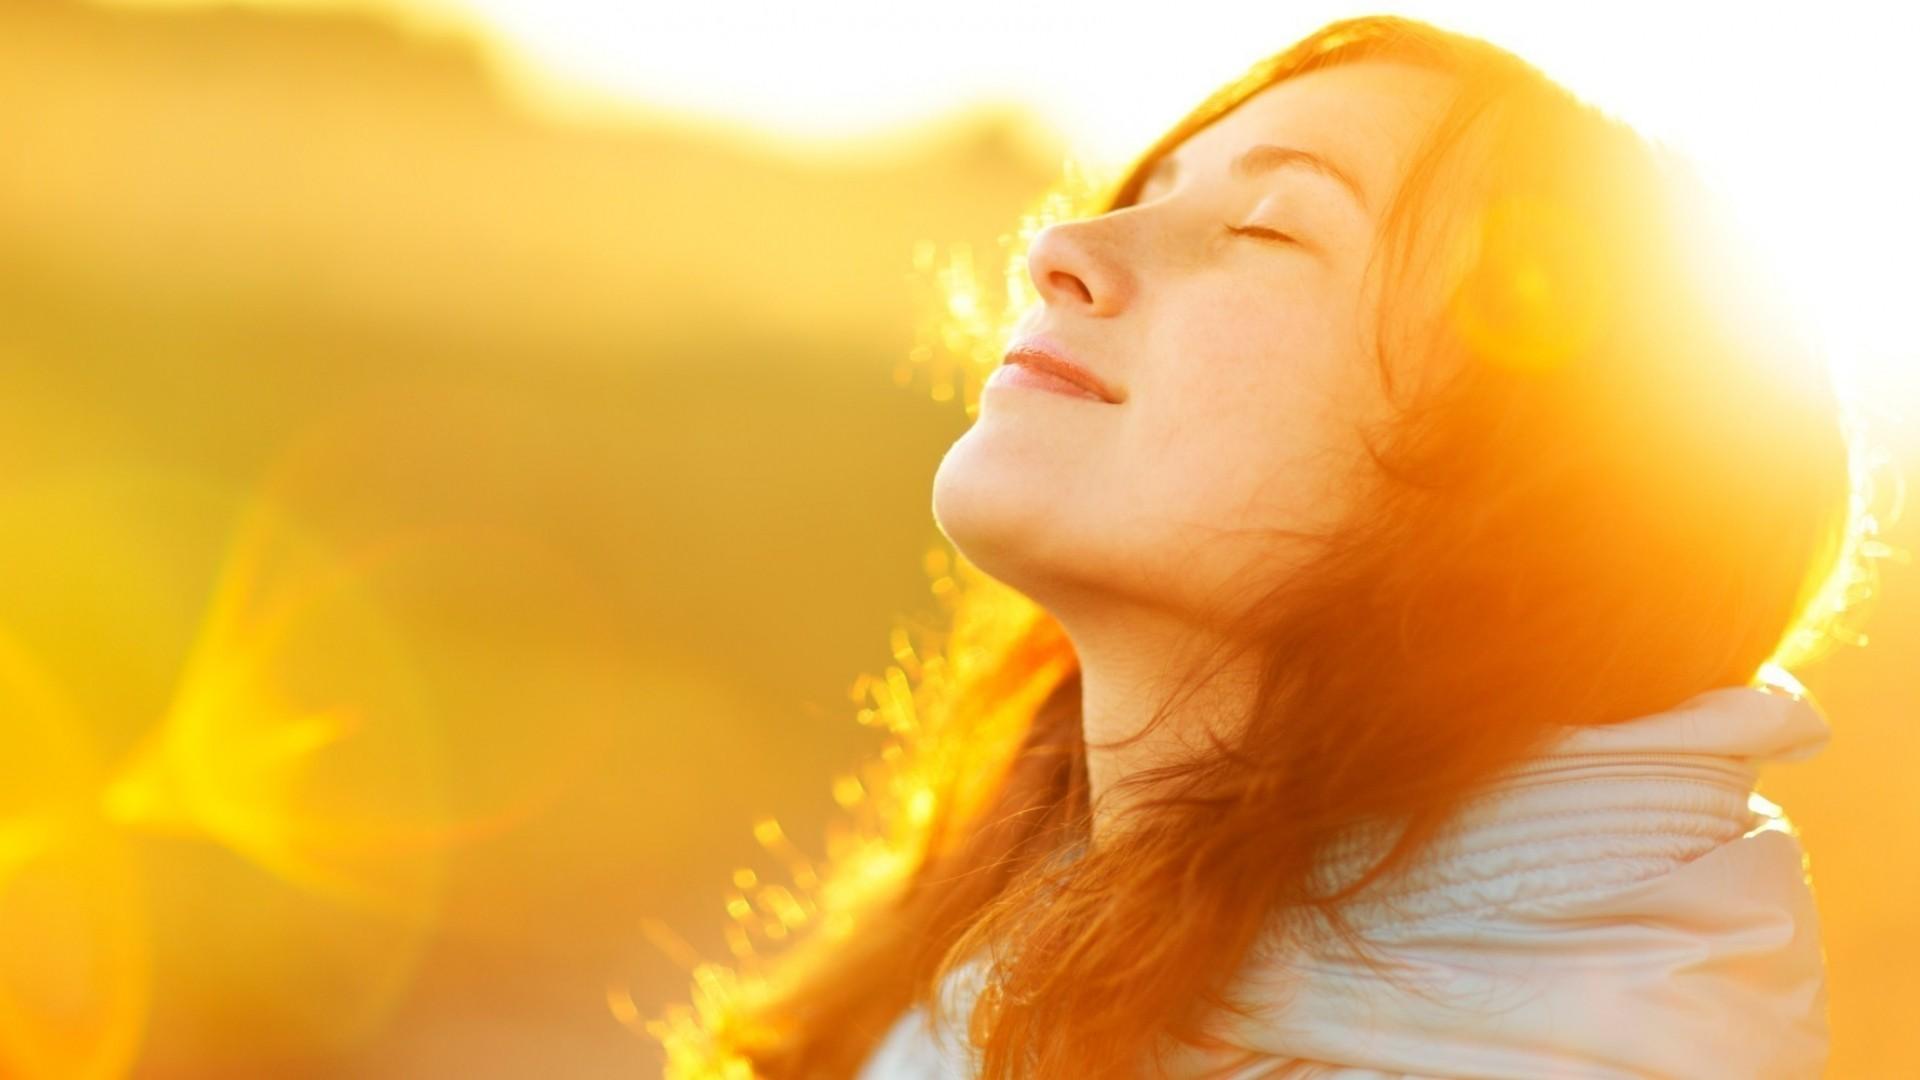 Лиз Бурбо: Удовлетворять свои потребности — проявлять себя или быть эгоистом?